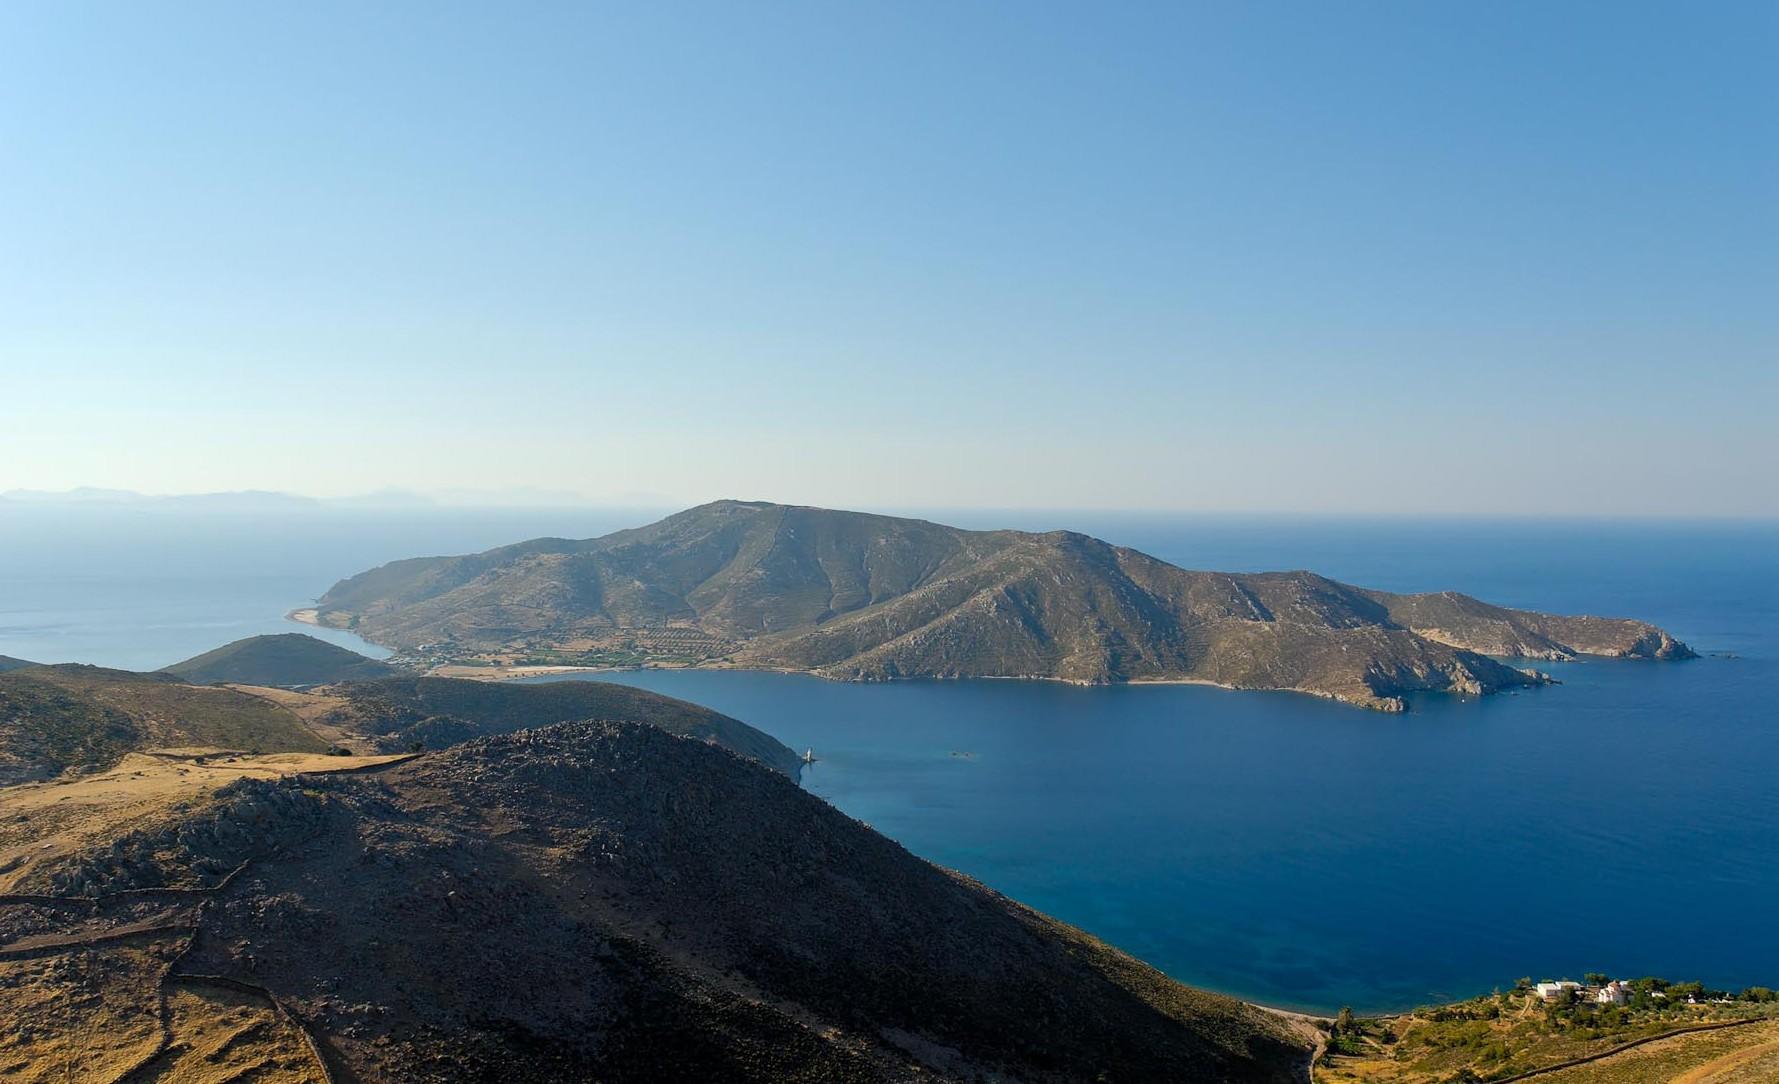 上图:从拔摩岛南部的最高点以利亚山俯瞰全岛。拔摩岛位于爱琴海东部,靠近土耳其,但属于希腊。拔摩岛面积35平方公里。岛上多石、无树,是一个火山岛。